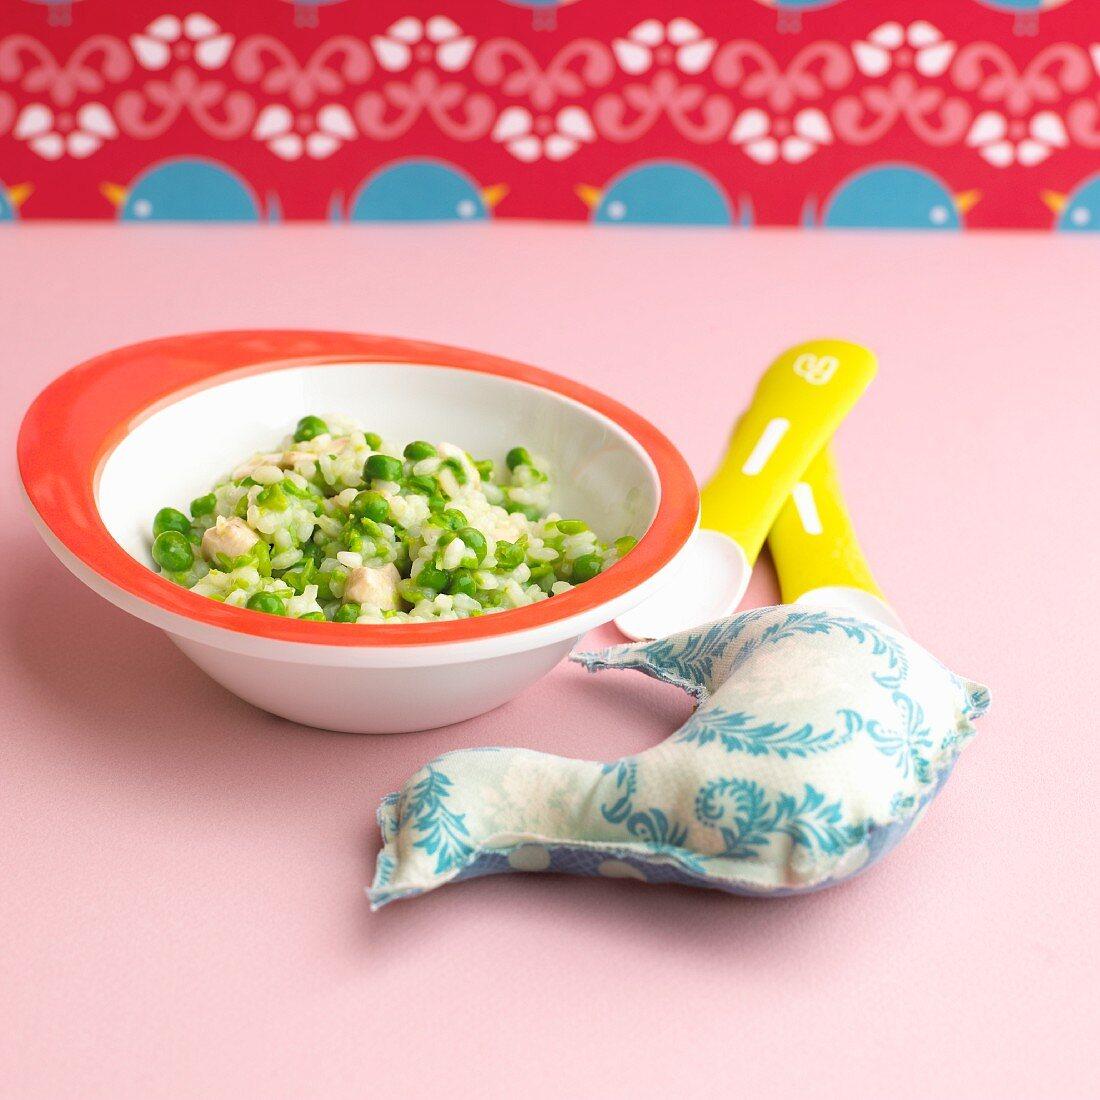 Pea and chicken risotto